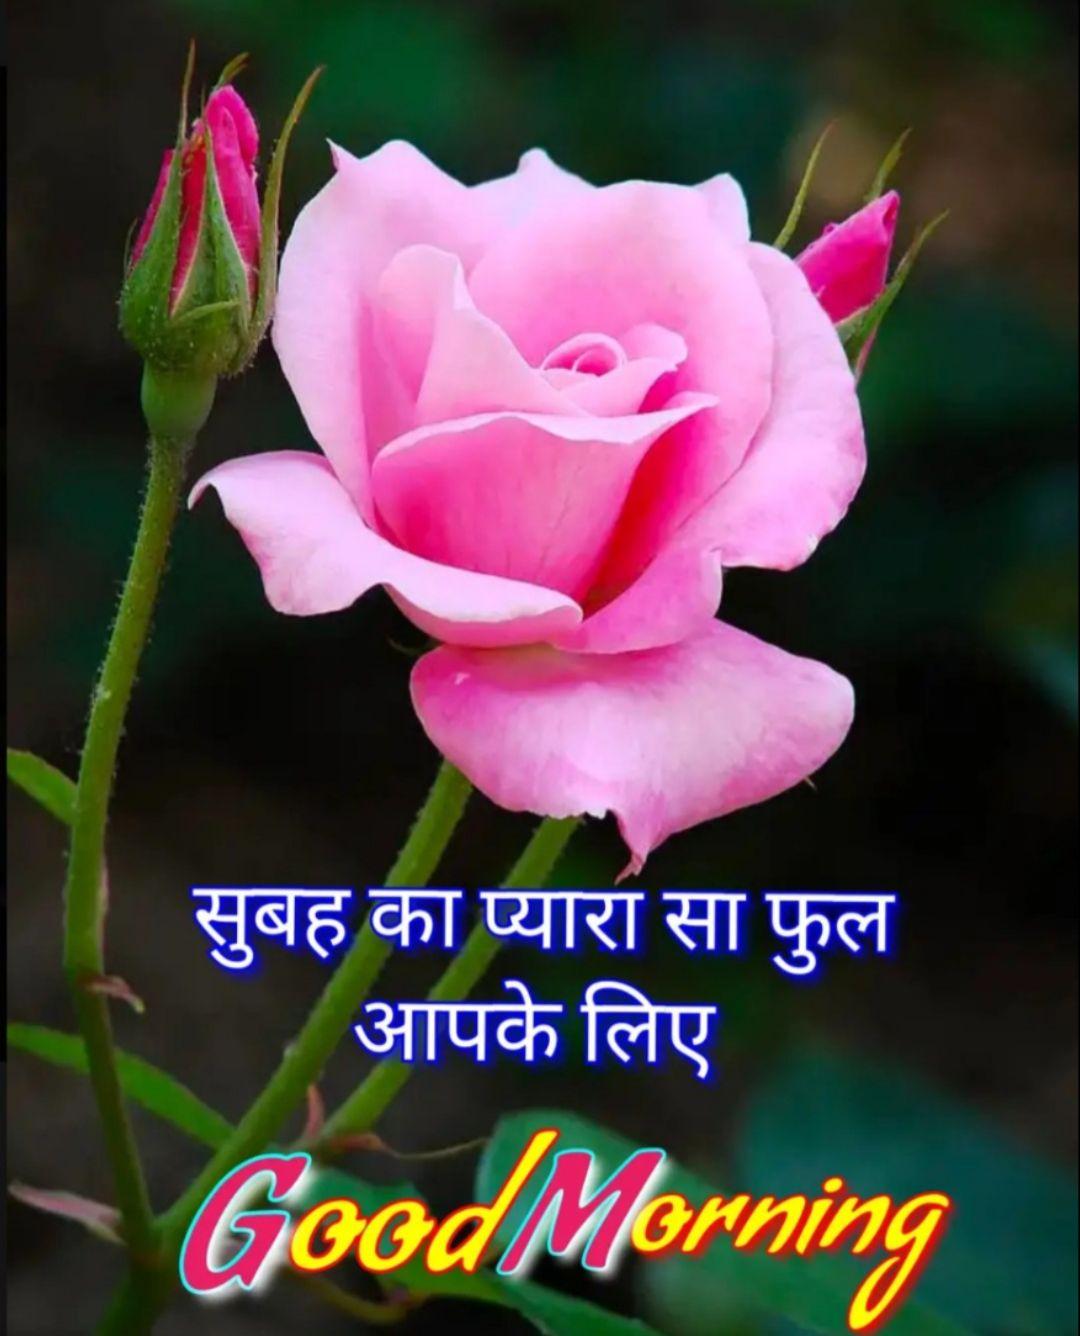 🌷शुभ सोमवार - सुबह का प्यारा सा फुल आपके लिए Good Morning - ShareChat